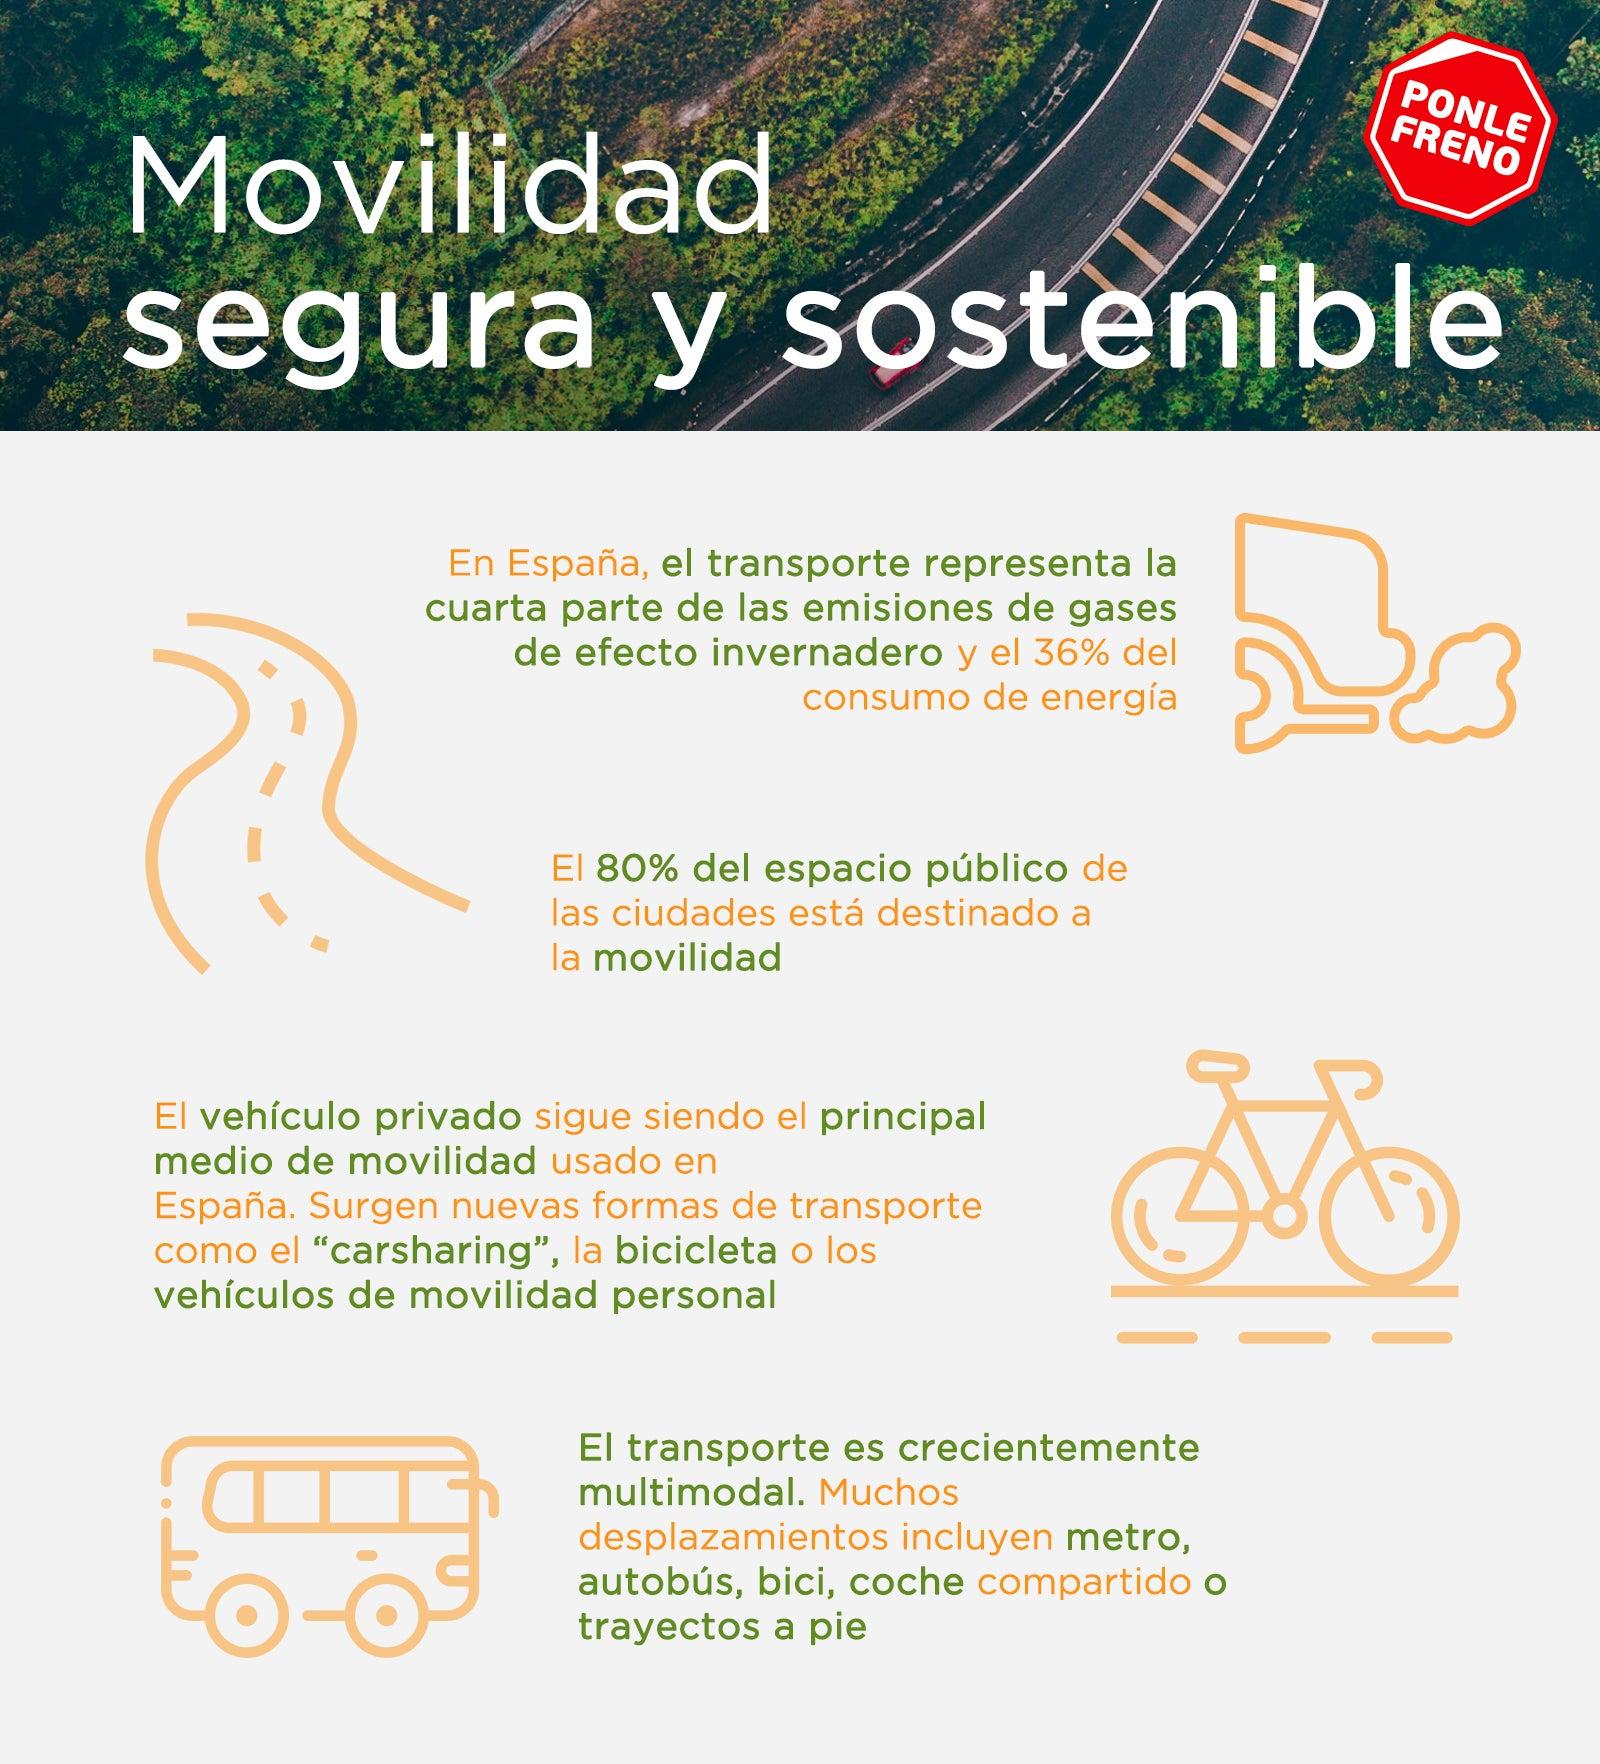 Infografía Ponle Freno Movilidad segura y sostenible